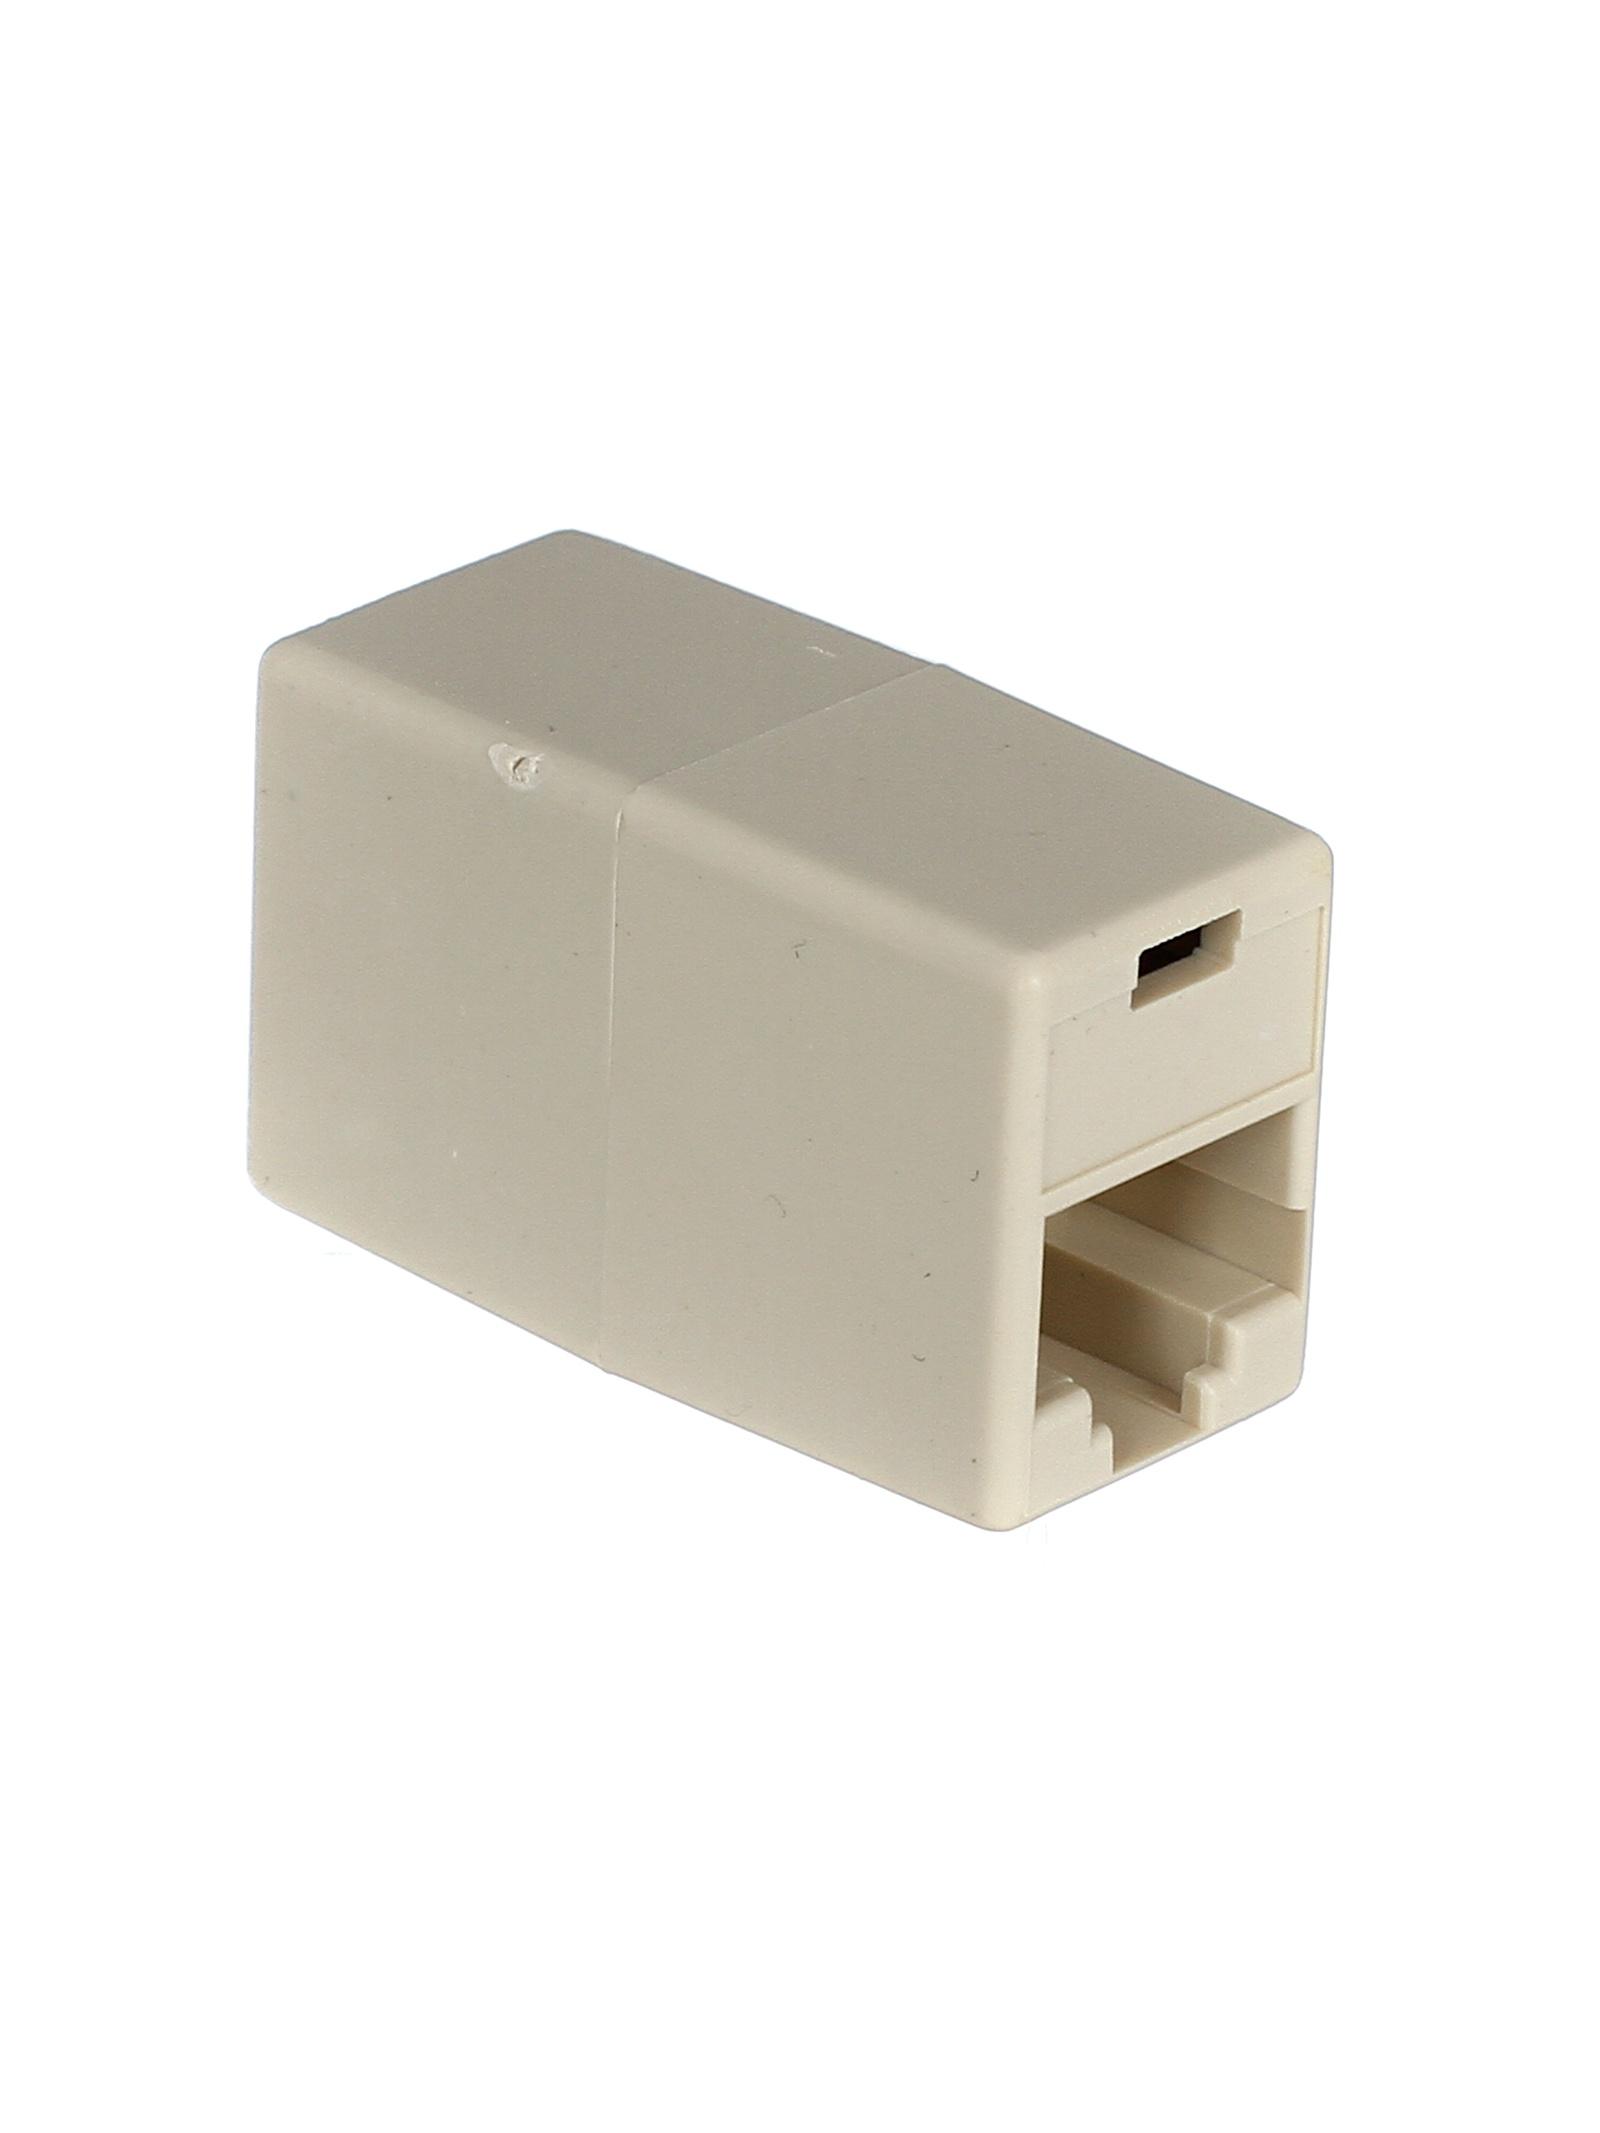 Проходной адаптер RJ-45, категория 5e (8P8C), 2 розетки RJ-45, Aopen, 10 шт в упаковке (ACT251) коннекторы rj 45 8p8c для utp кабеля 5 кат aopen aopen anm005 vcom vna2200 100 шт в пакете